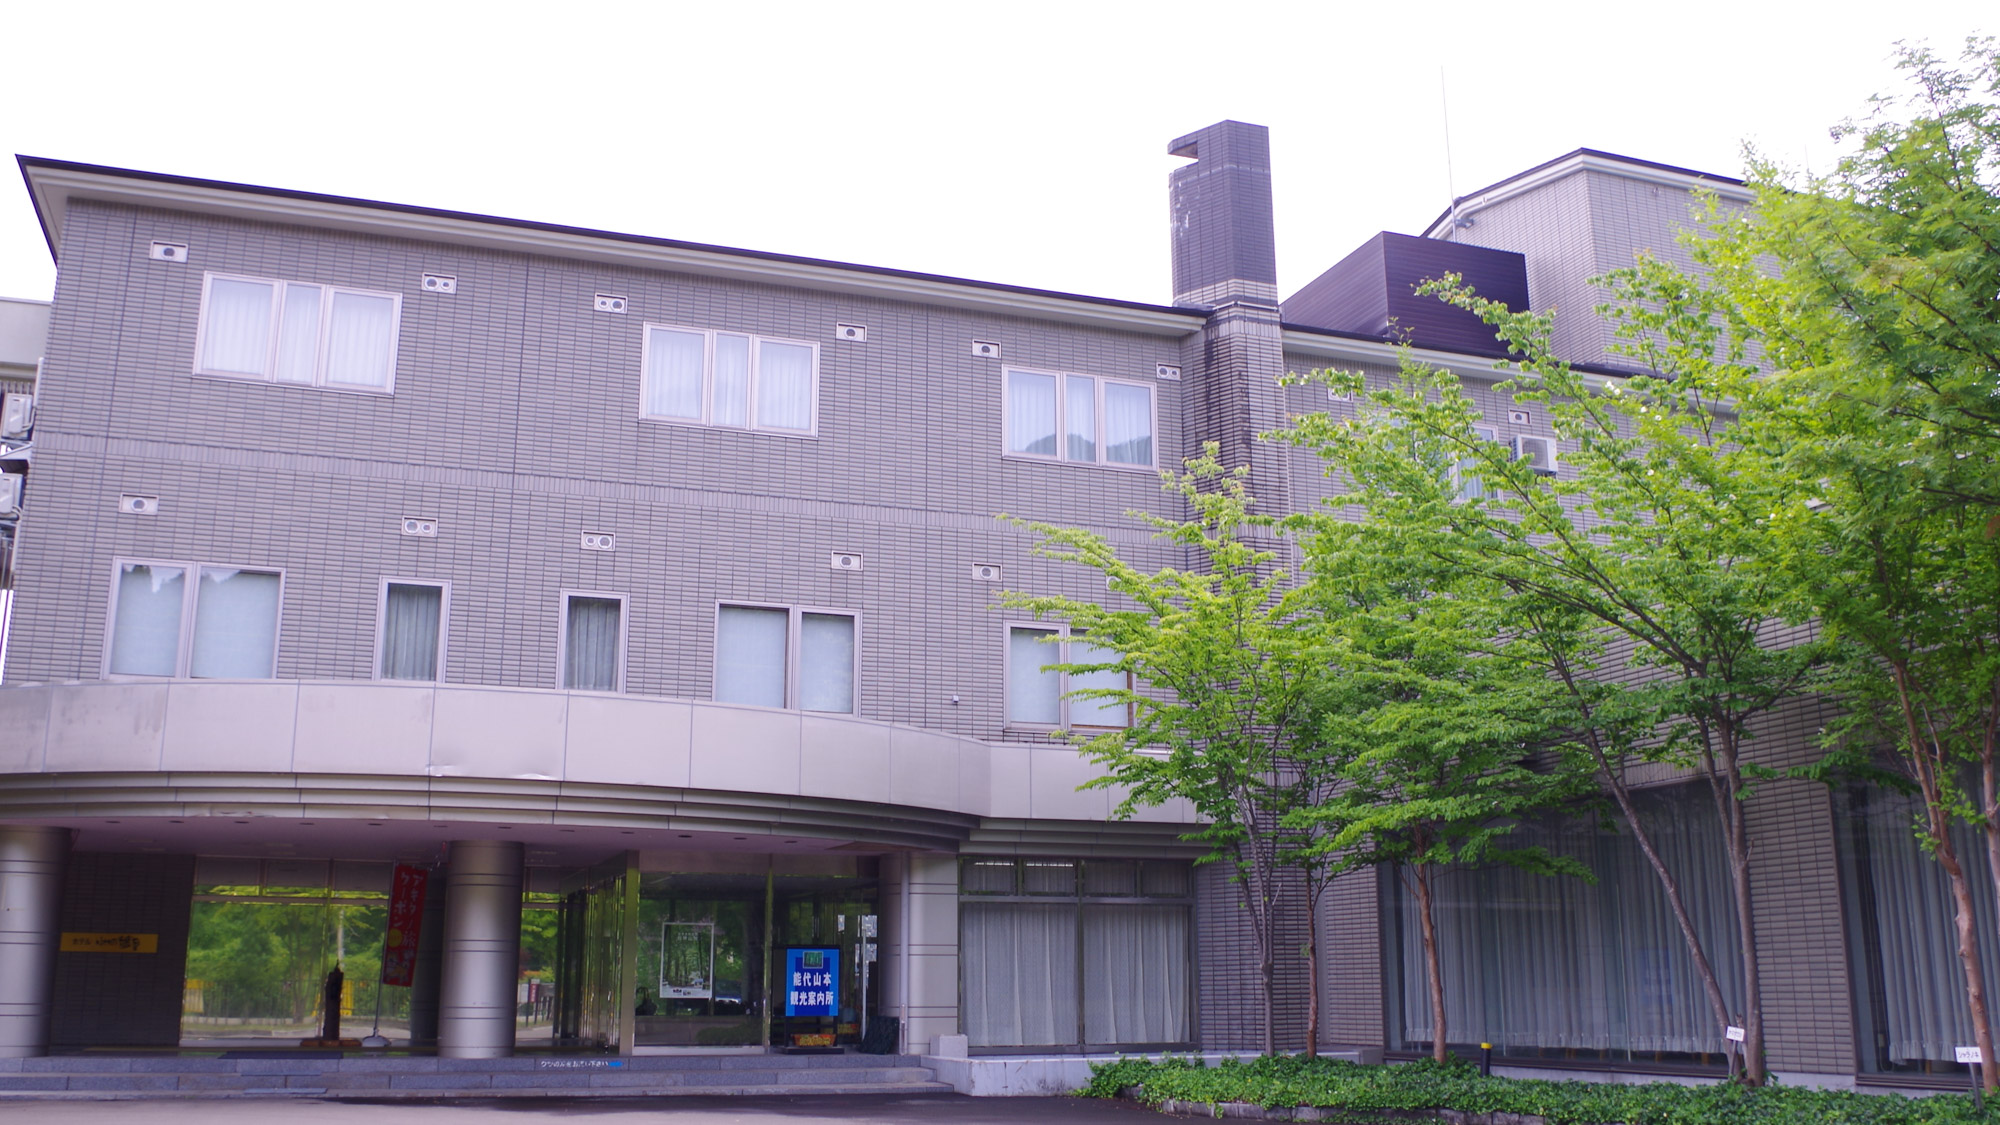 湯の沢温泉 ホテルゆとりあ藤里 image